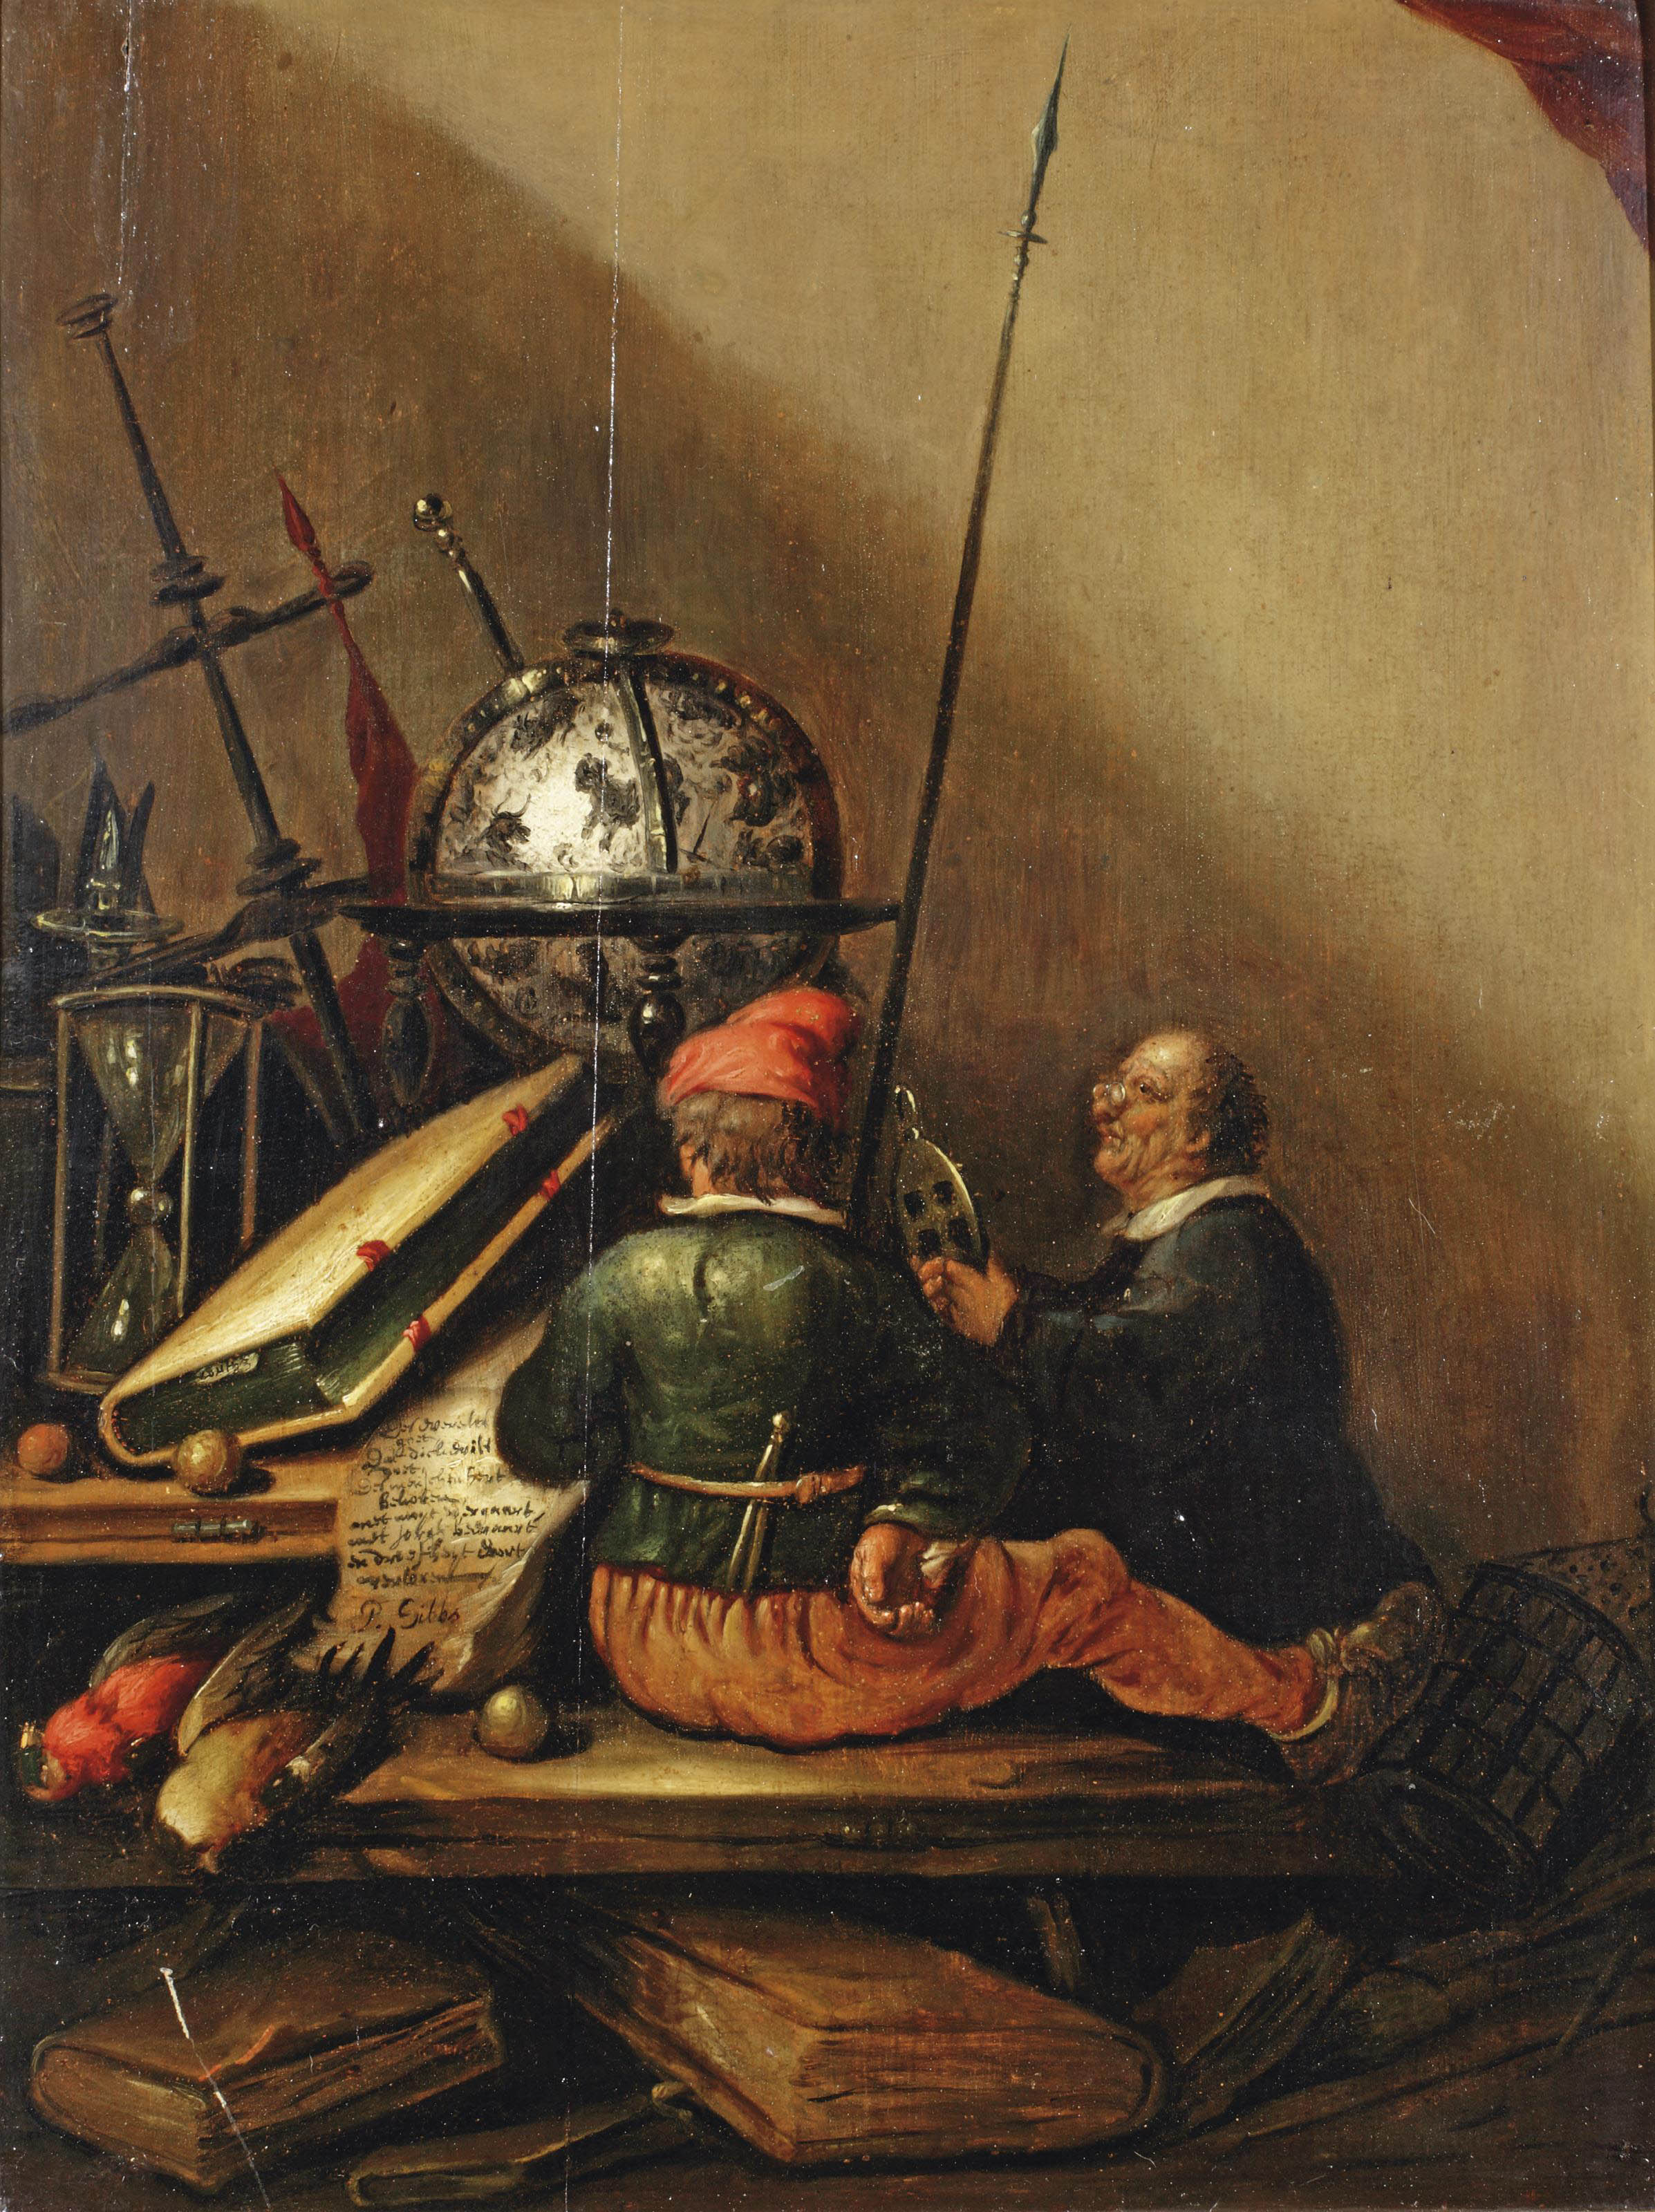 Обои повозка, Ян Брейгель старший, Пейзаж с Путниками, всадник, картина. Разное foto 11